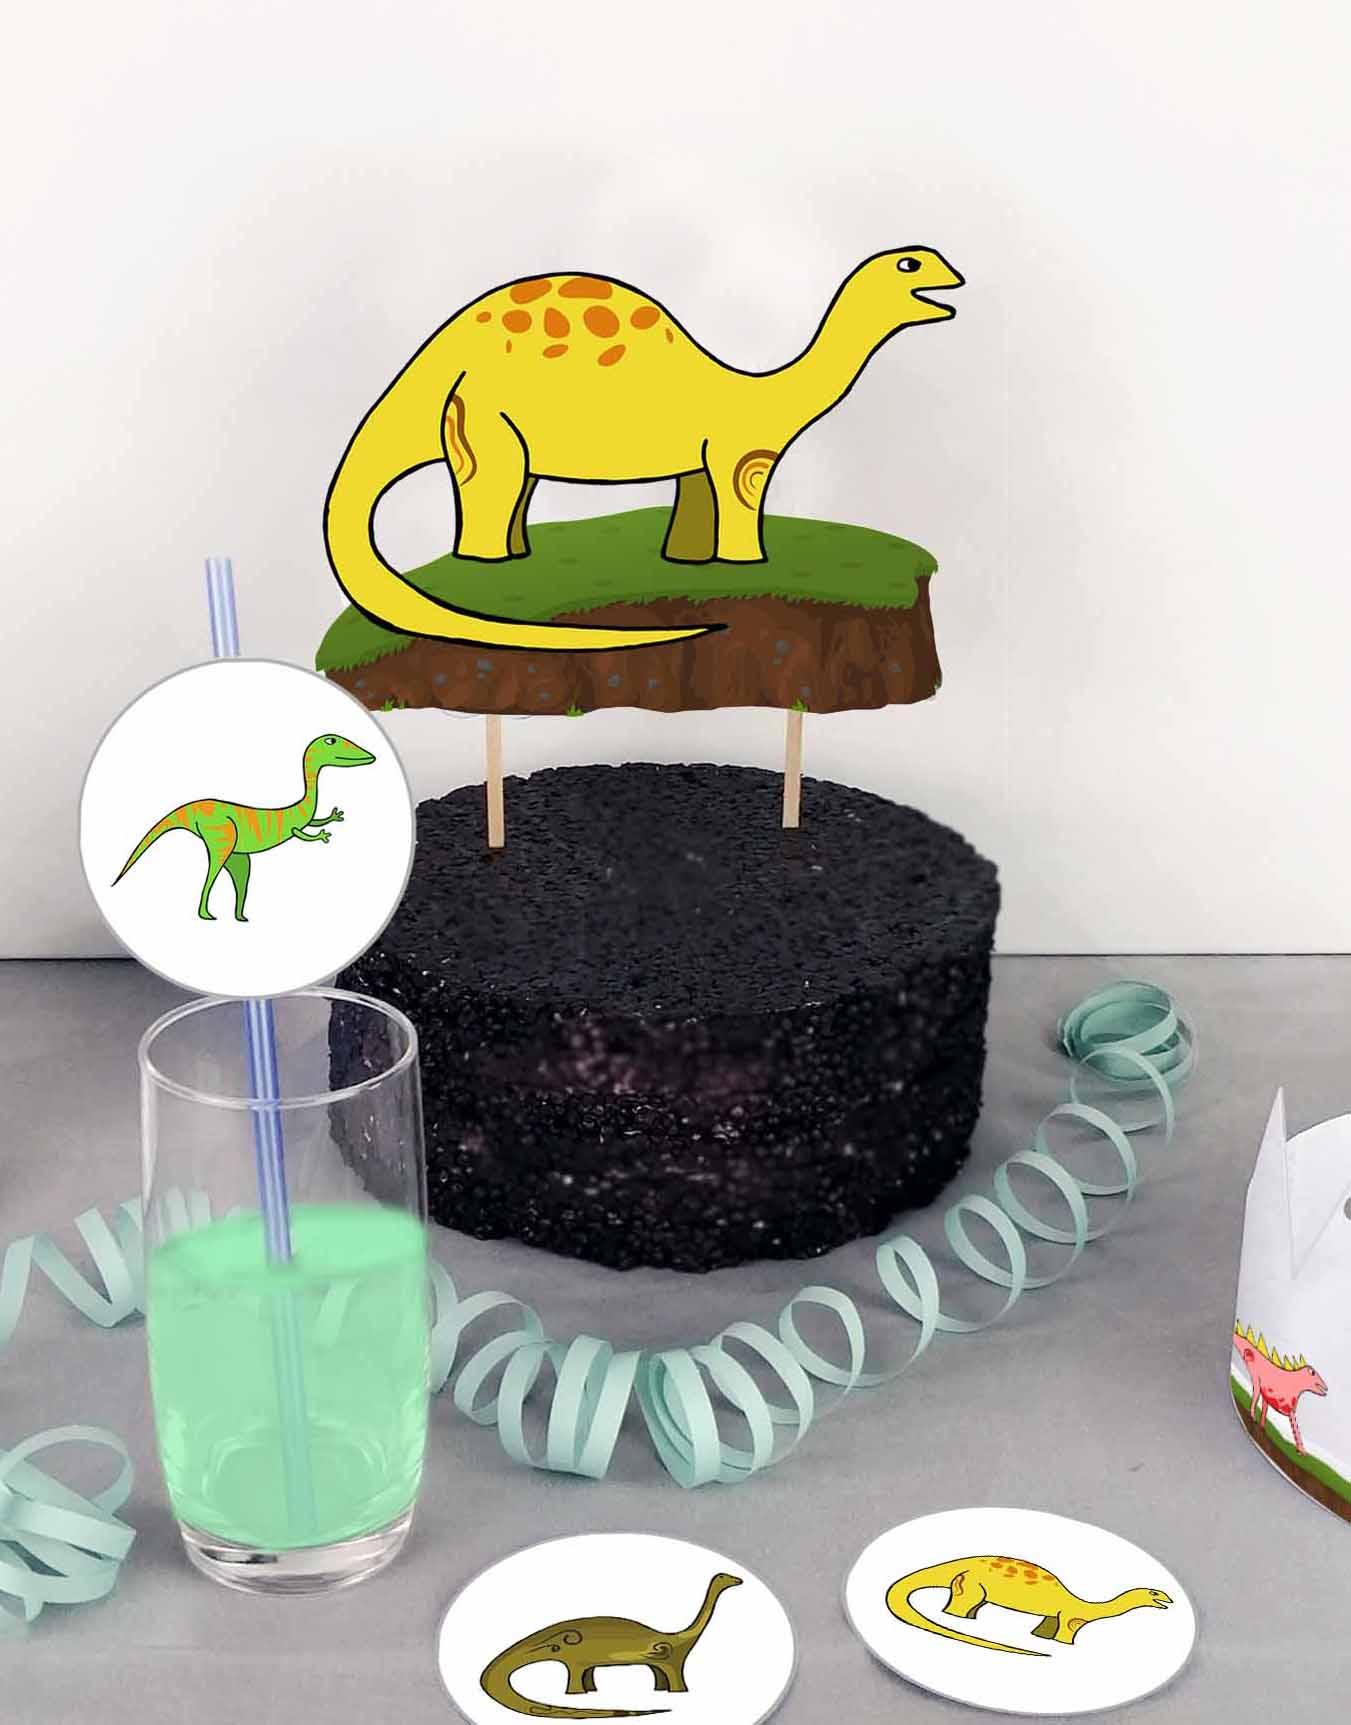 Druckvorlagen für einen selbst gebastelten Motto Cake Topper mit Dino